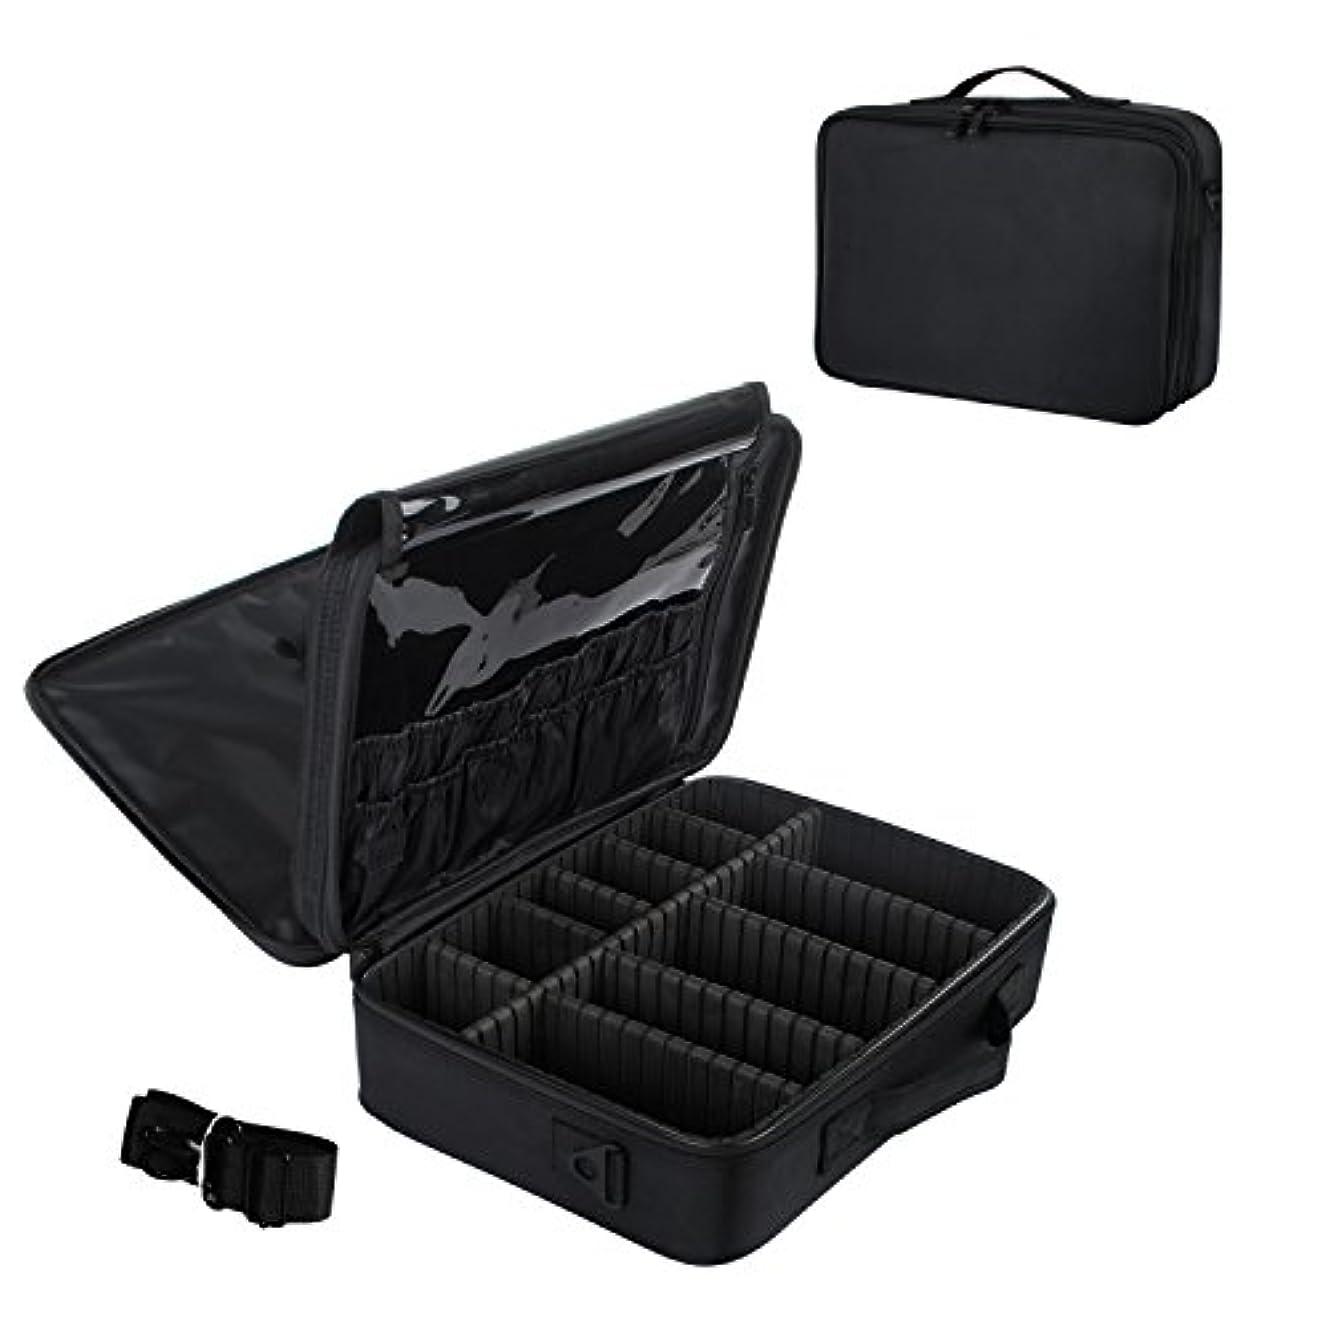 リベラル兵士布メイクボックス プロ用 コスメボックス 大容量 軽量 メイク道具 化粧品収納 小物入れ 持ち運び 3way 収納ケース 調整仕切り板 2色選び (ブラック)